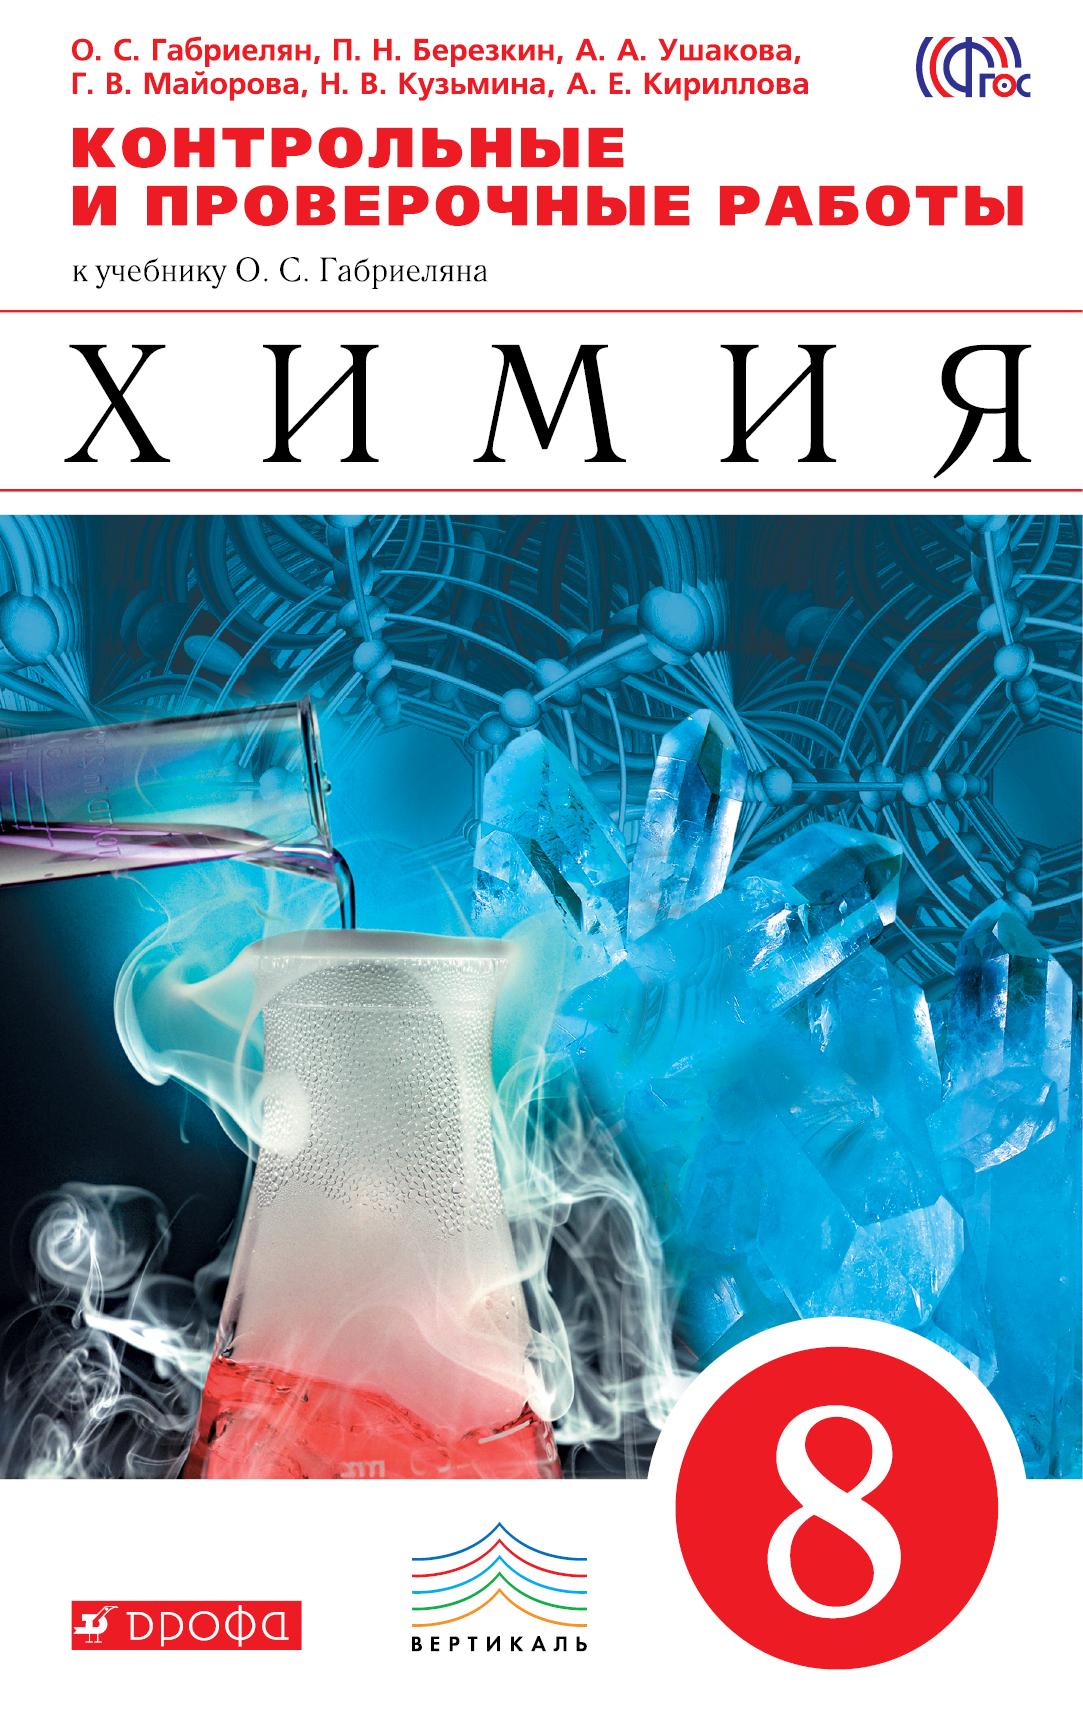 Химия 8кл [Контр.и пров.раб.] Вертикаль